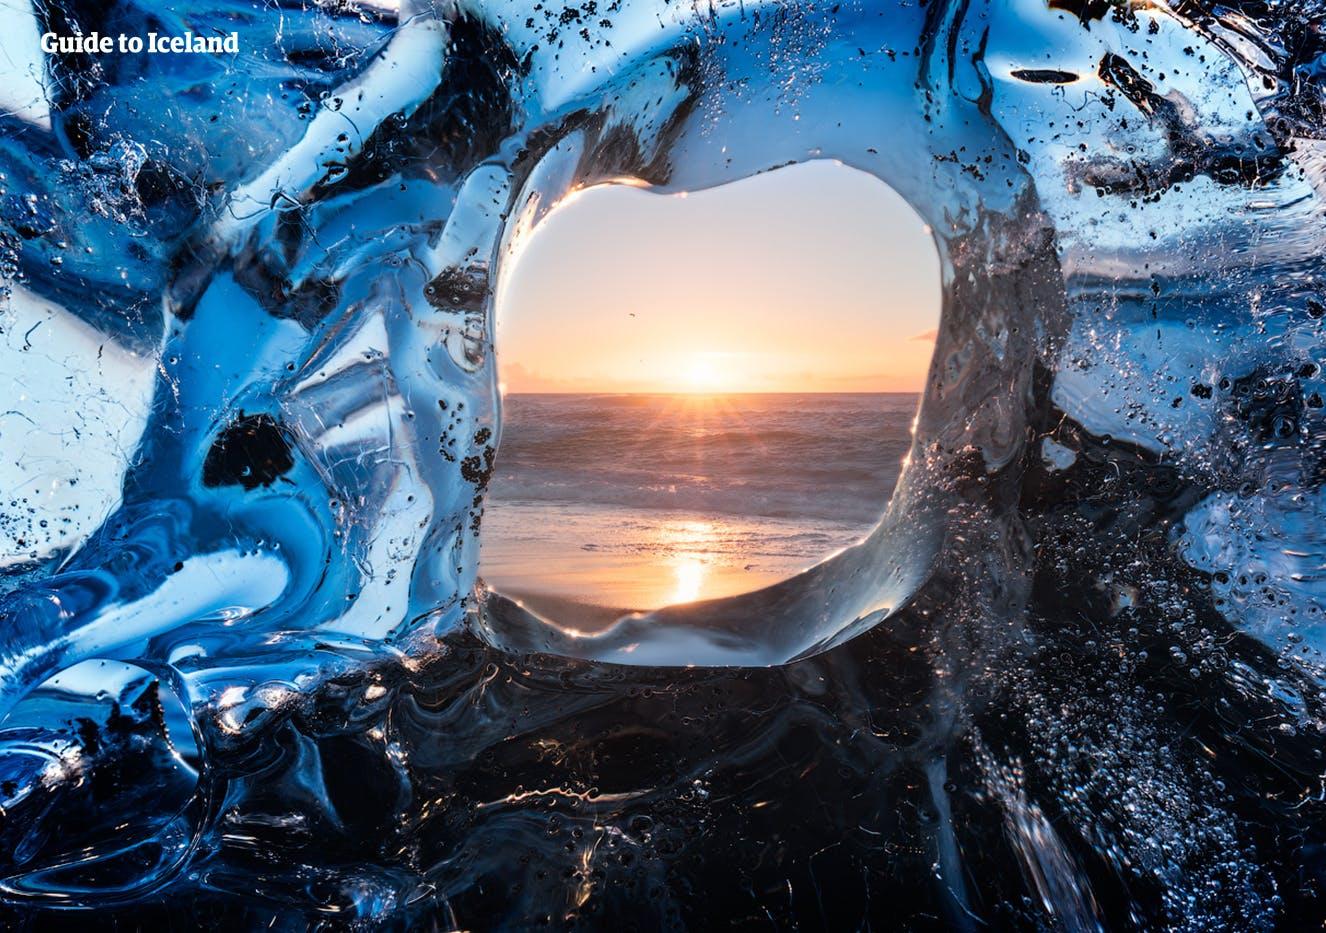 Regardant à travers un iceberg sur la plage de diamant près de la magnifique lagune Jökulsárlón